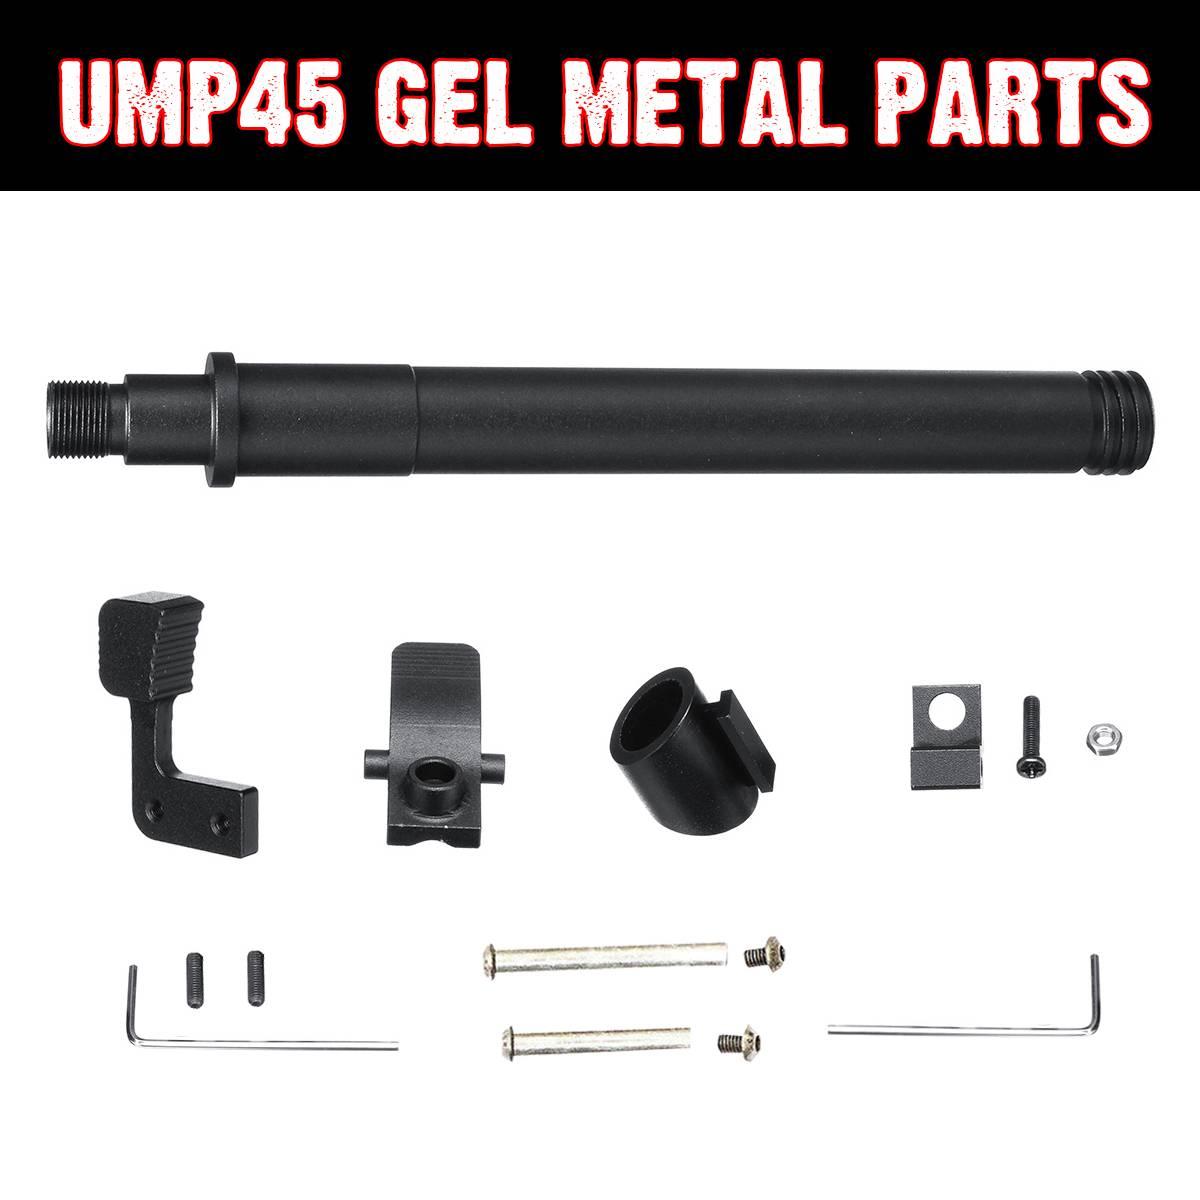 Ensembles de pièces de mise à niveau en métal pour UMP45 Gel Ball blaster jeux d'eau jouets pistolets accessoires de remplacement